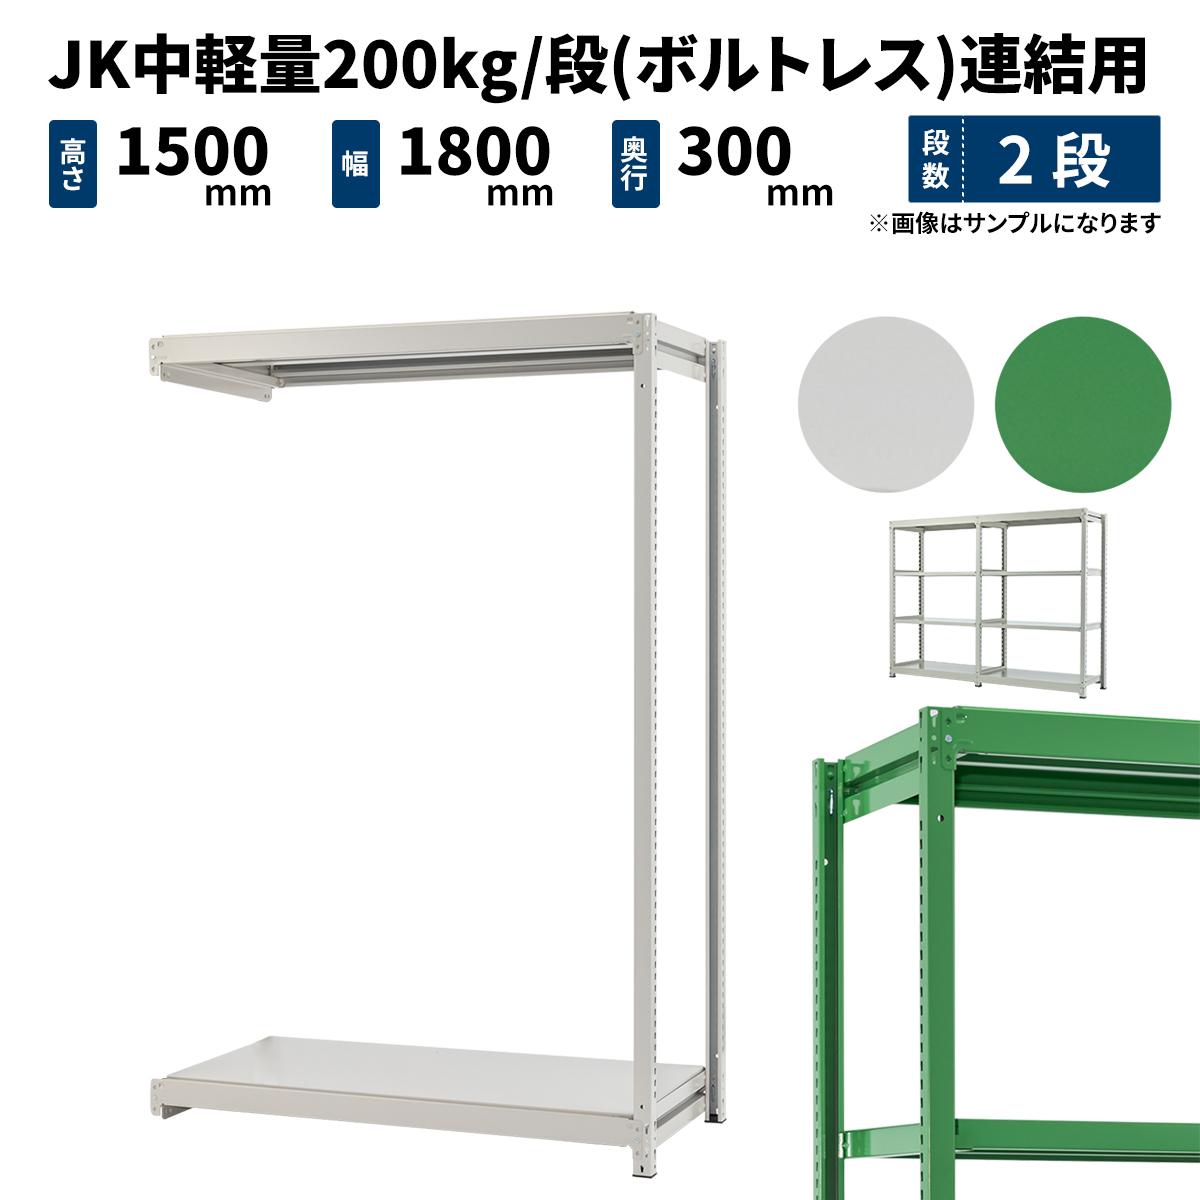 スチールラック 業務用 JK中軽量200kg/段(ボルトレス) 連結形式 高さ1500×幅1800×奥行300mm 2段 ホワイトグレー/グリーン (27kg) JK200_R-151803-2